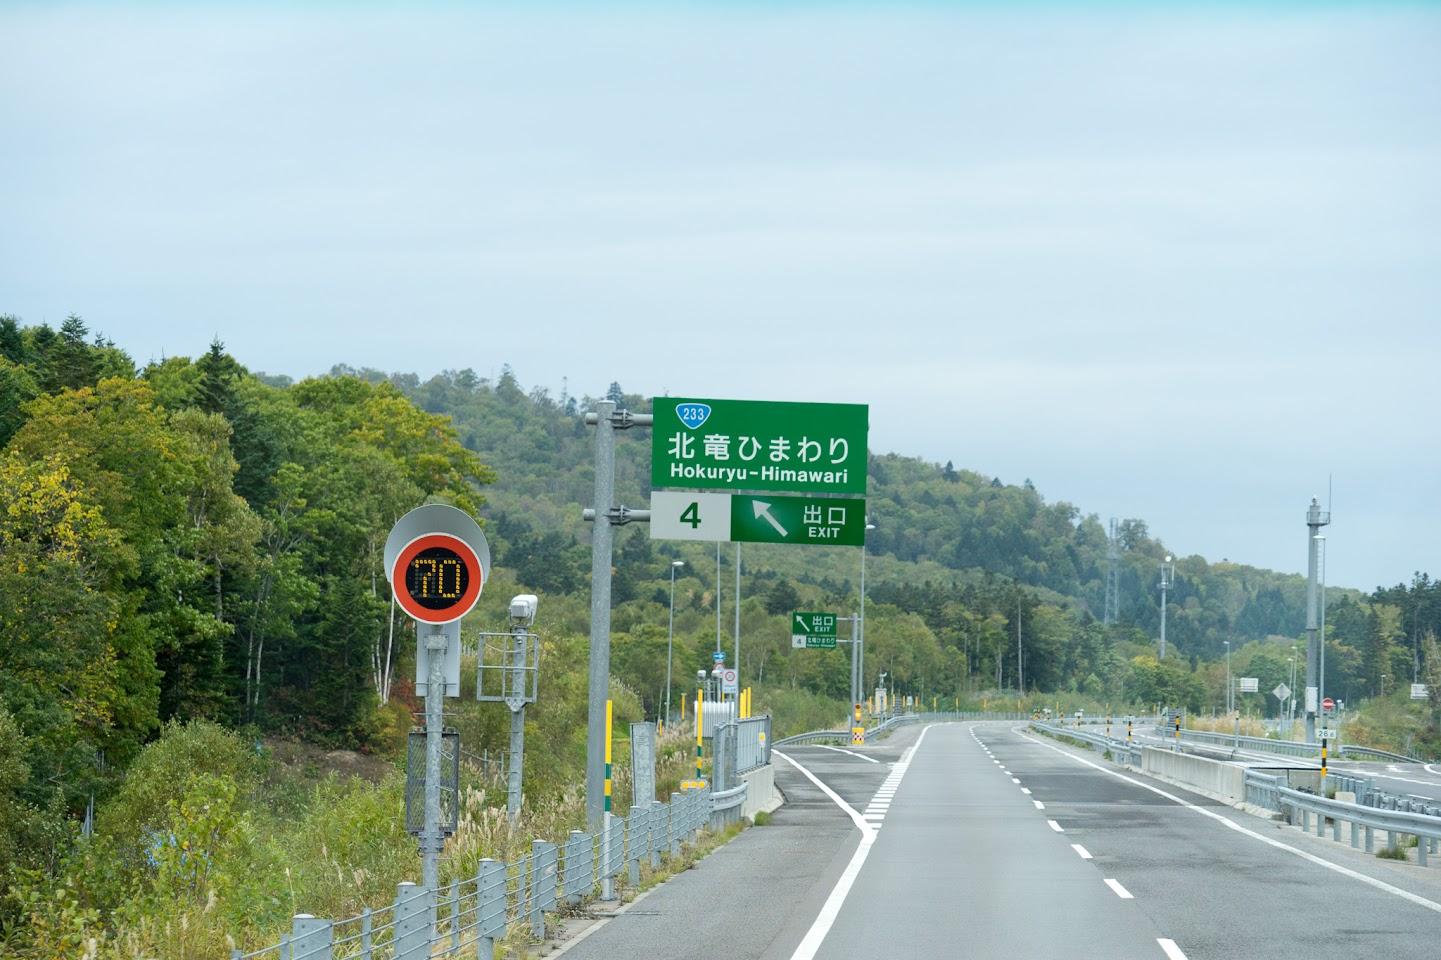 深川留萌自動車道の「北竜ひまわり」インターチェンジ